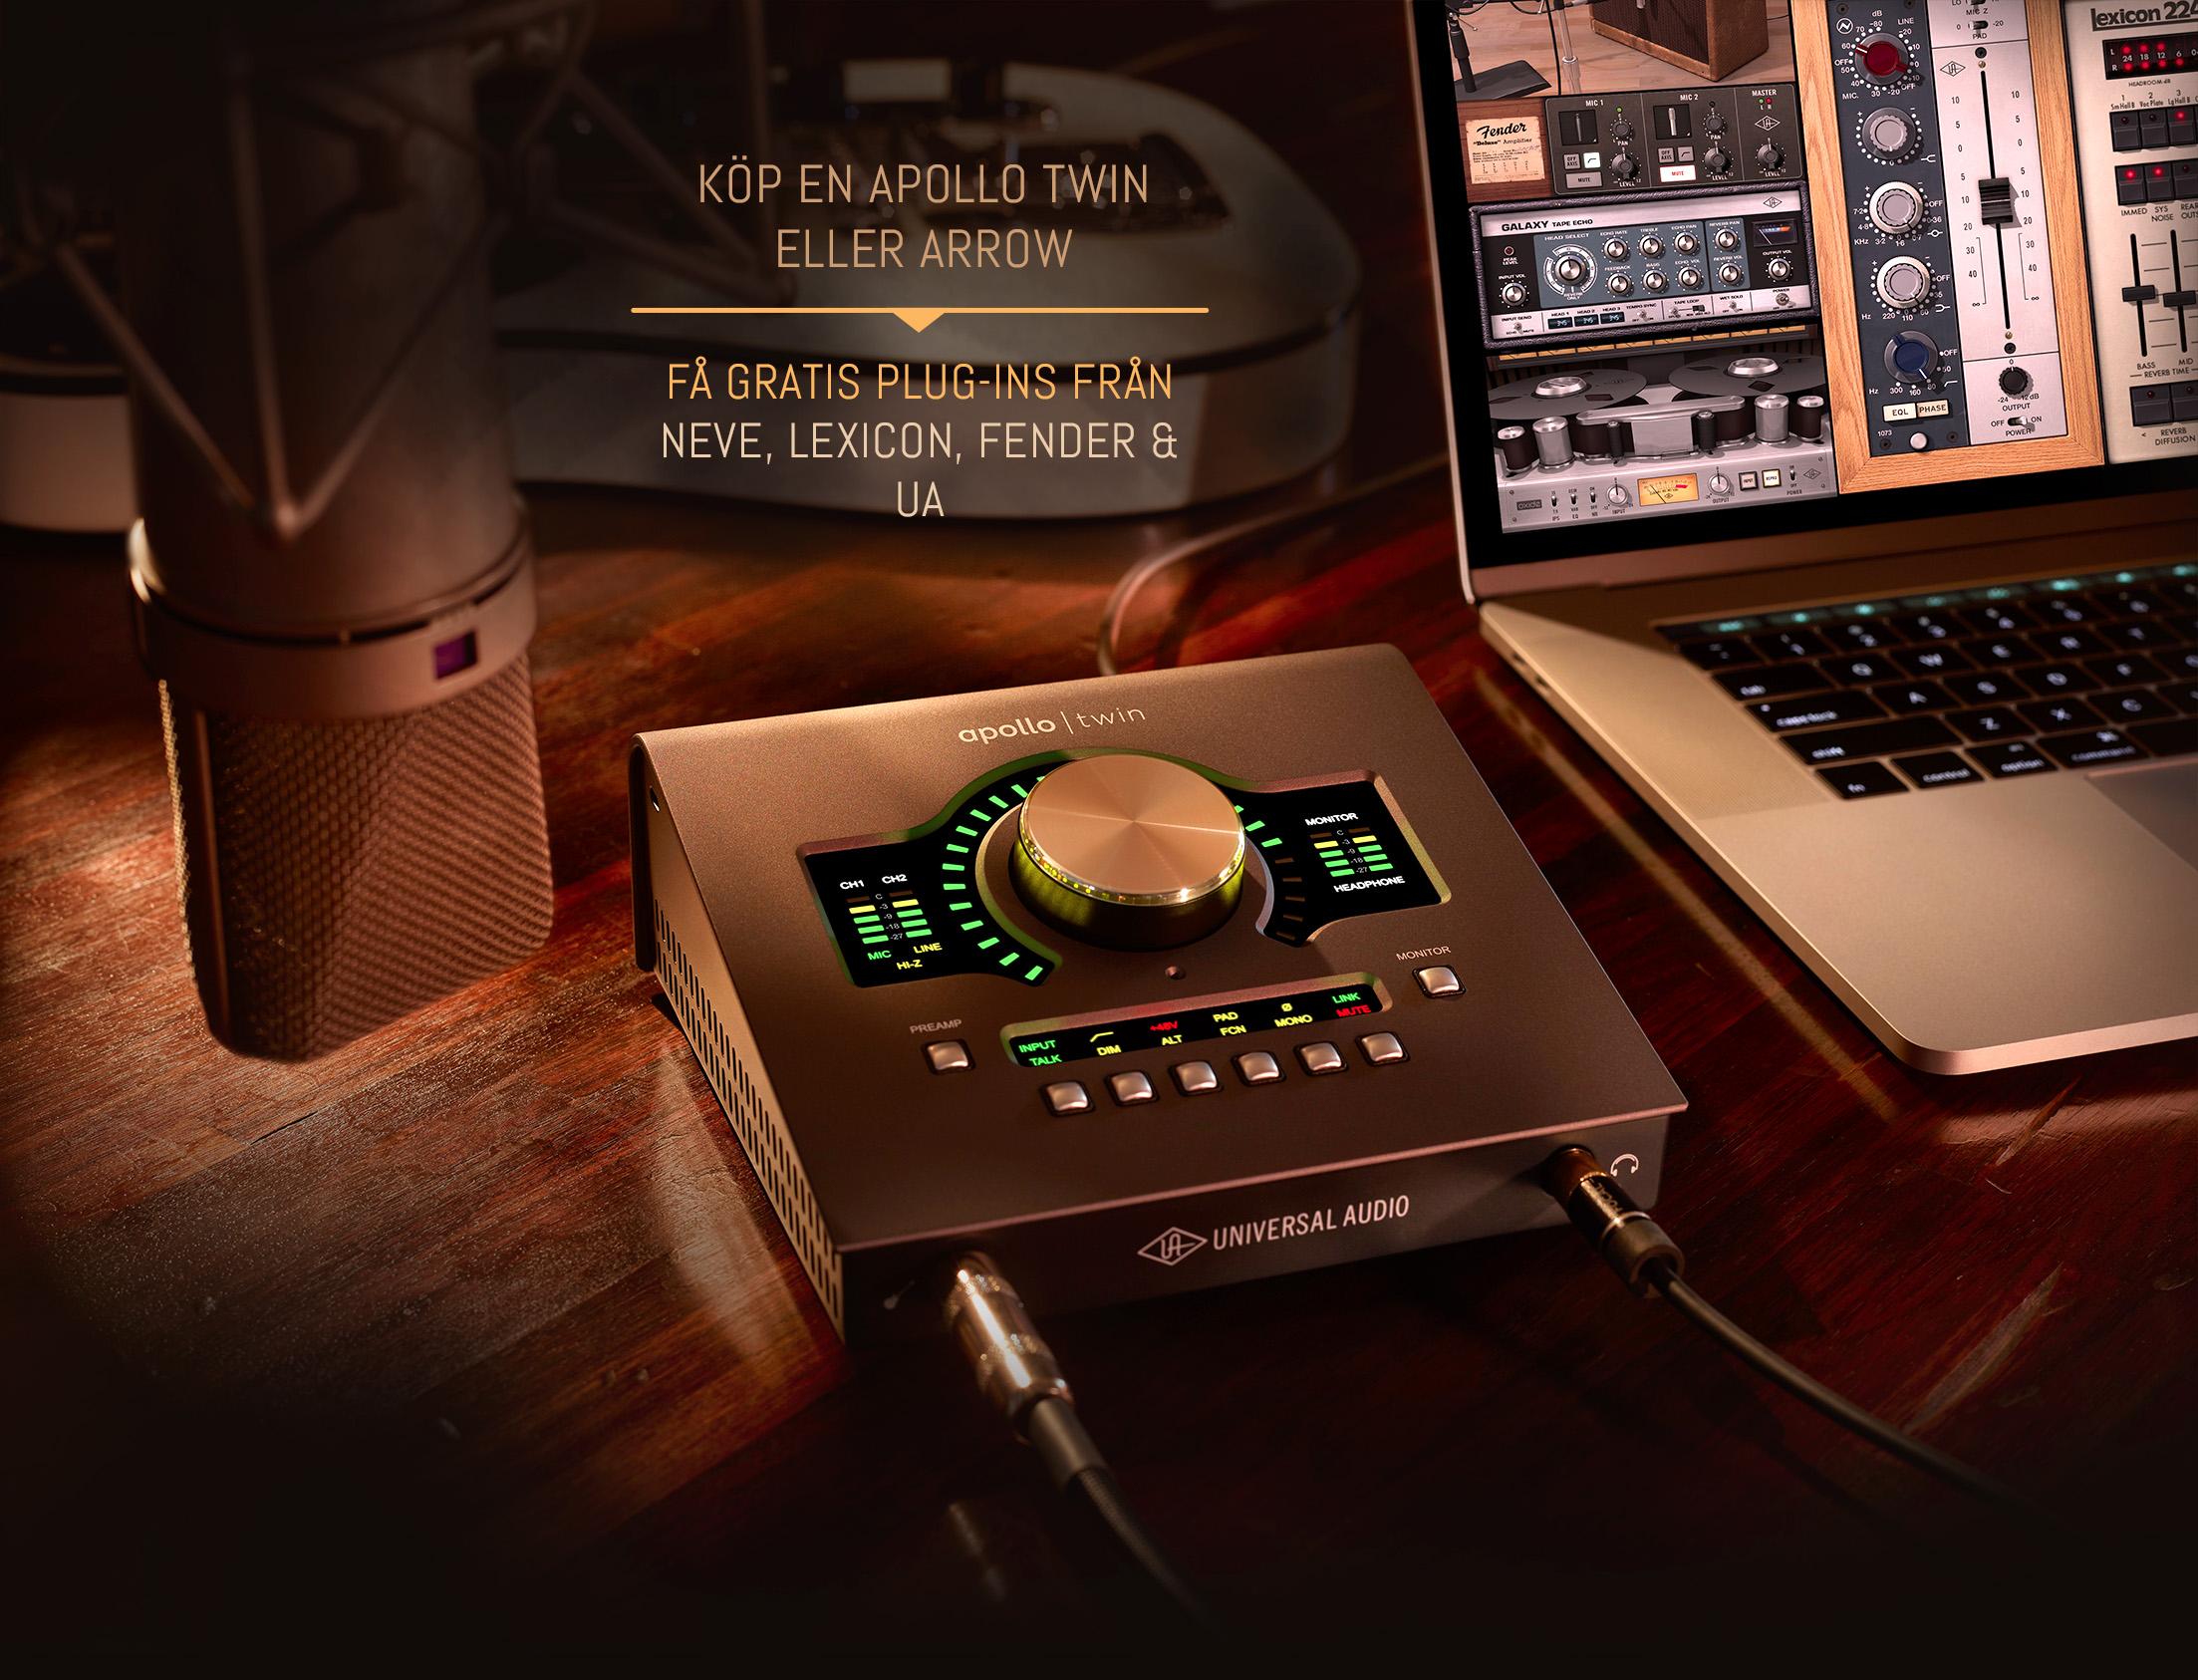 Universal Audio Kampanj – Köp Apollo Twin eller Arrow och få gratis plug-ins från Neve, Fender, Lexicon och UA